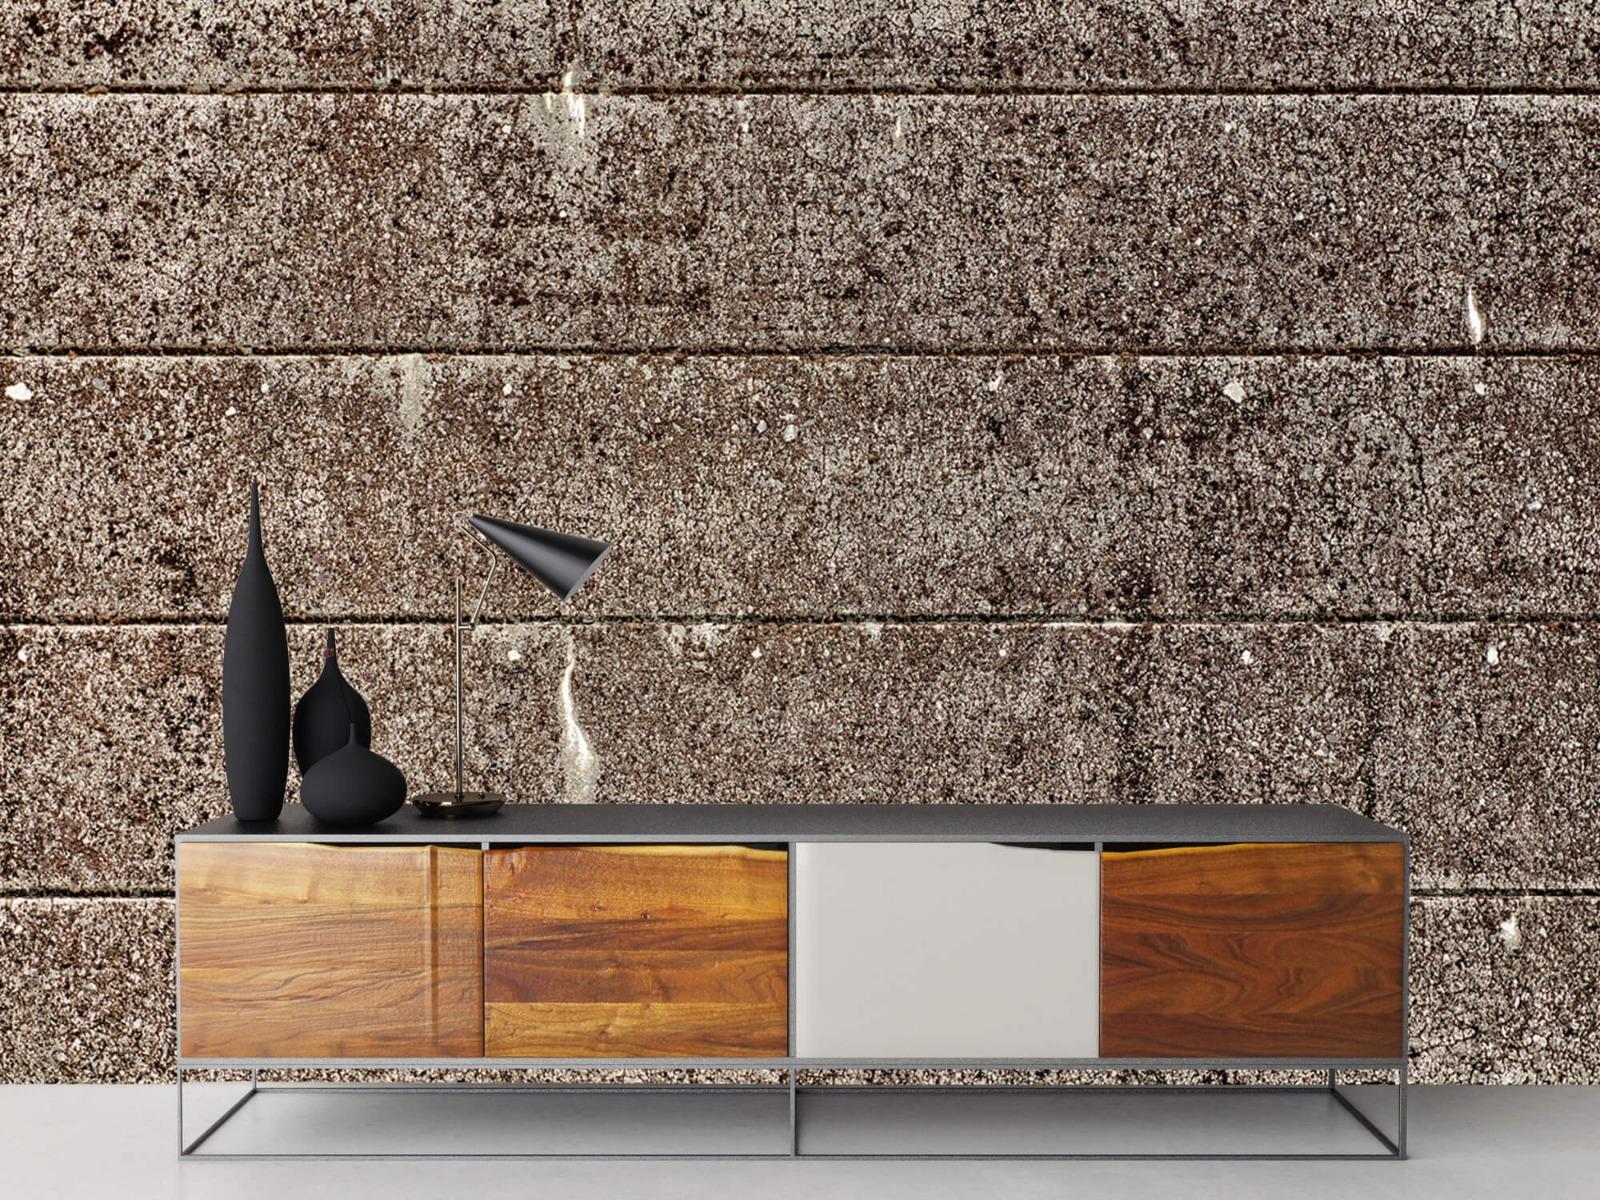 Steen behang - Oude betonnen damwand - Tienerkamer 2